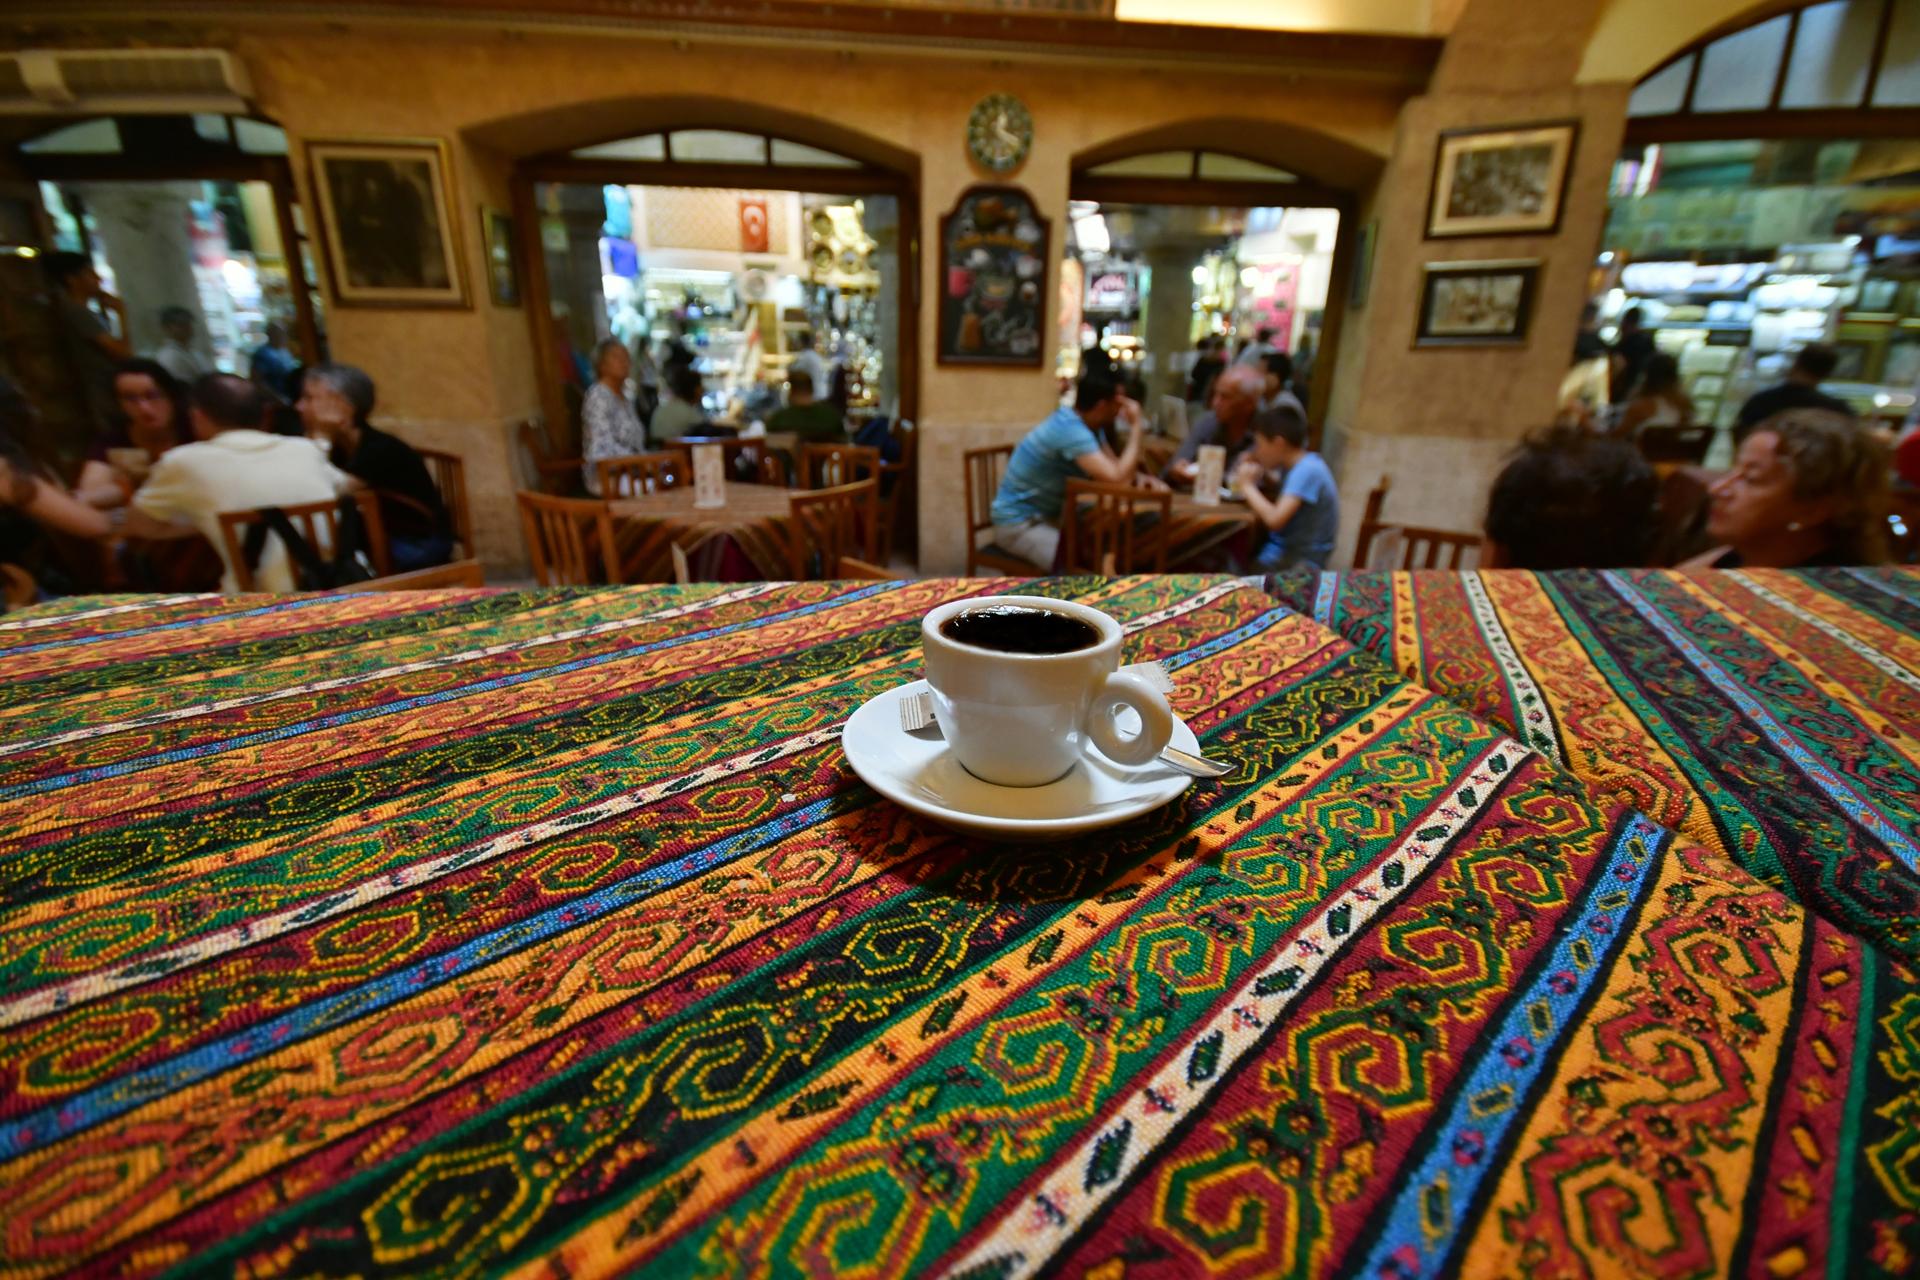 איסטנבול ממלכת המסתורין - קפה טורקי חזק -יואל שתרוג - אדמה יוצרת - yoel sitruk - İstanbul